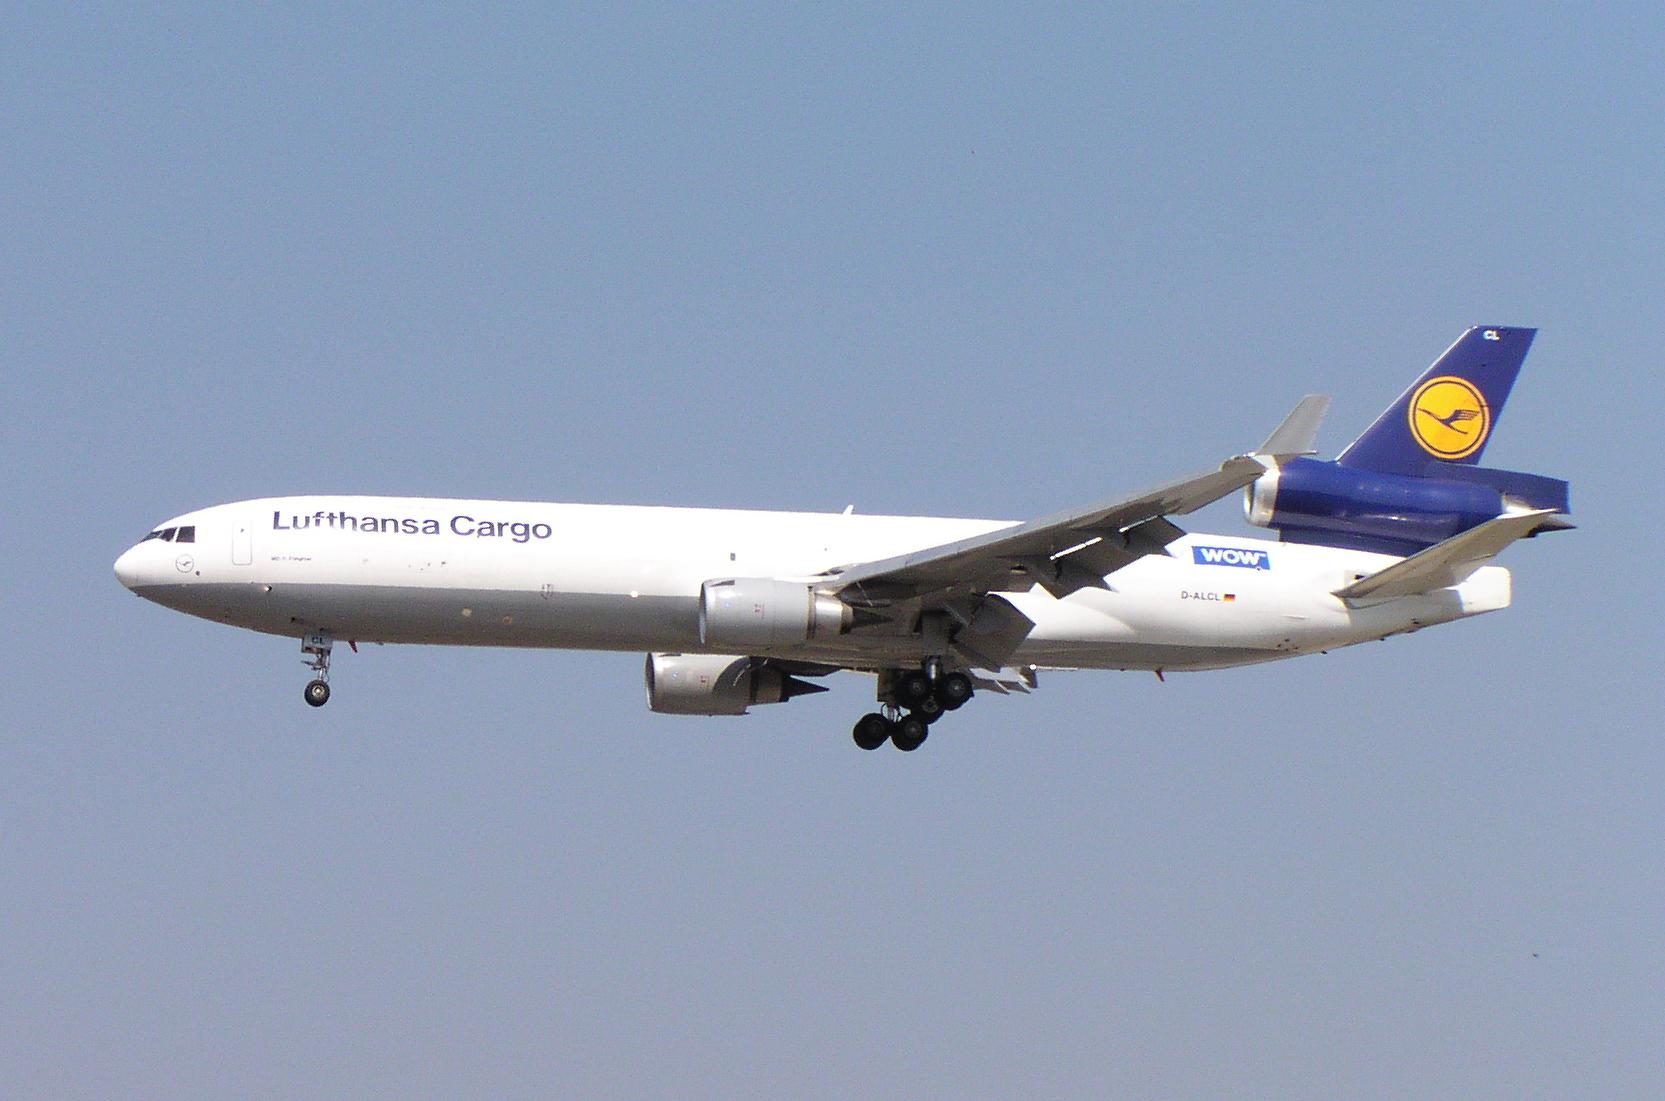 Lufthansa Cargo – Wikipedia